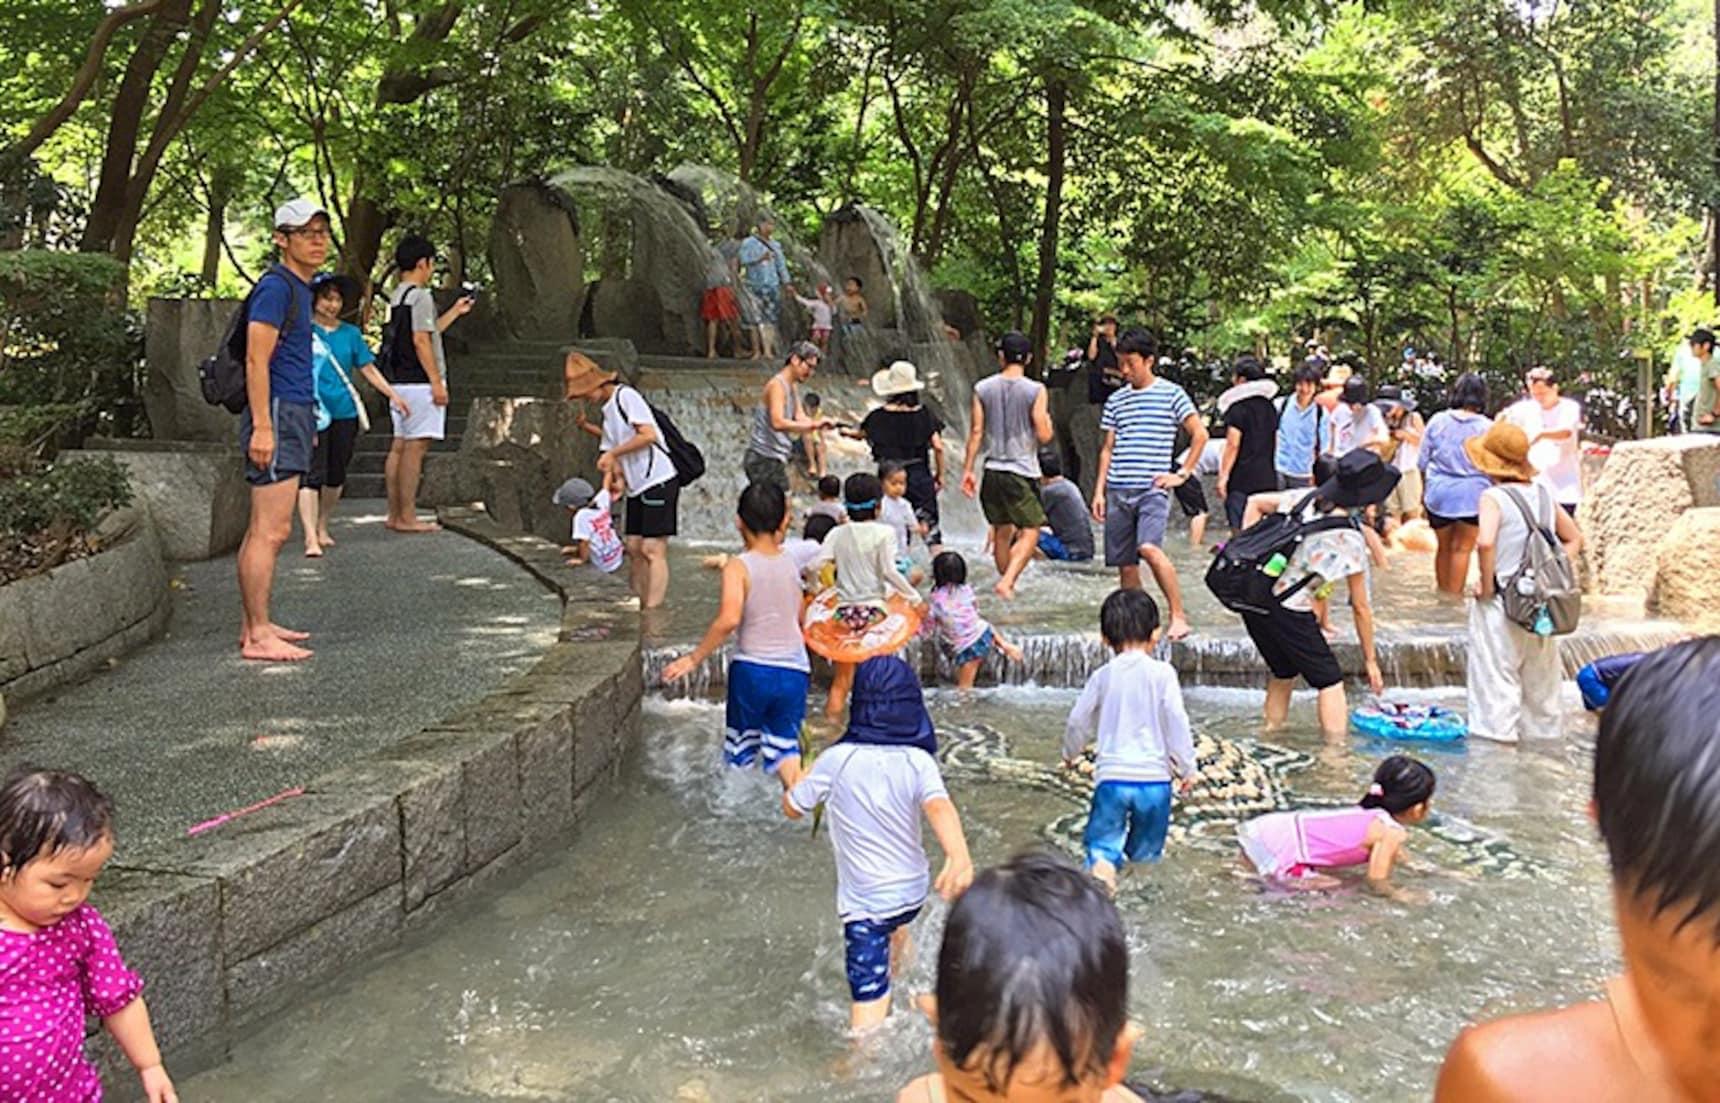 รู้จักสวนน้ำญี่ปุ่น สวัสดิการดีๆของแม่และเด็ก